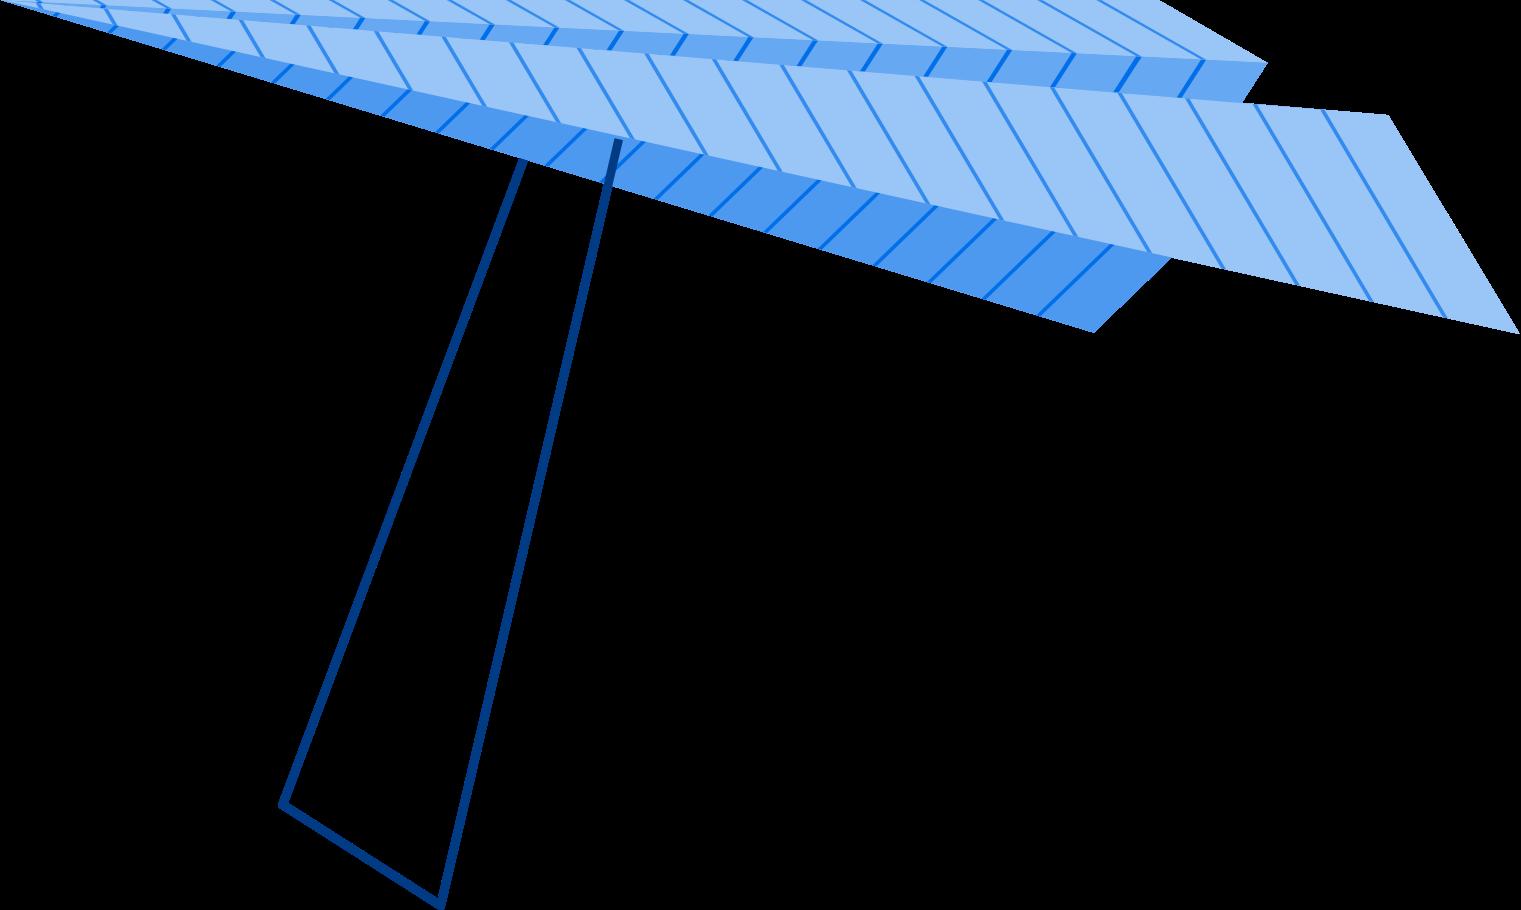 delta plane Clipart illustration in PNG, SVG